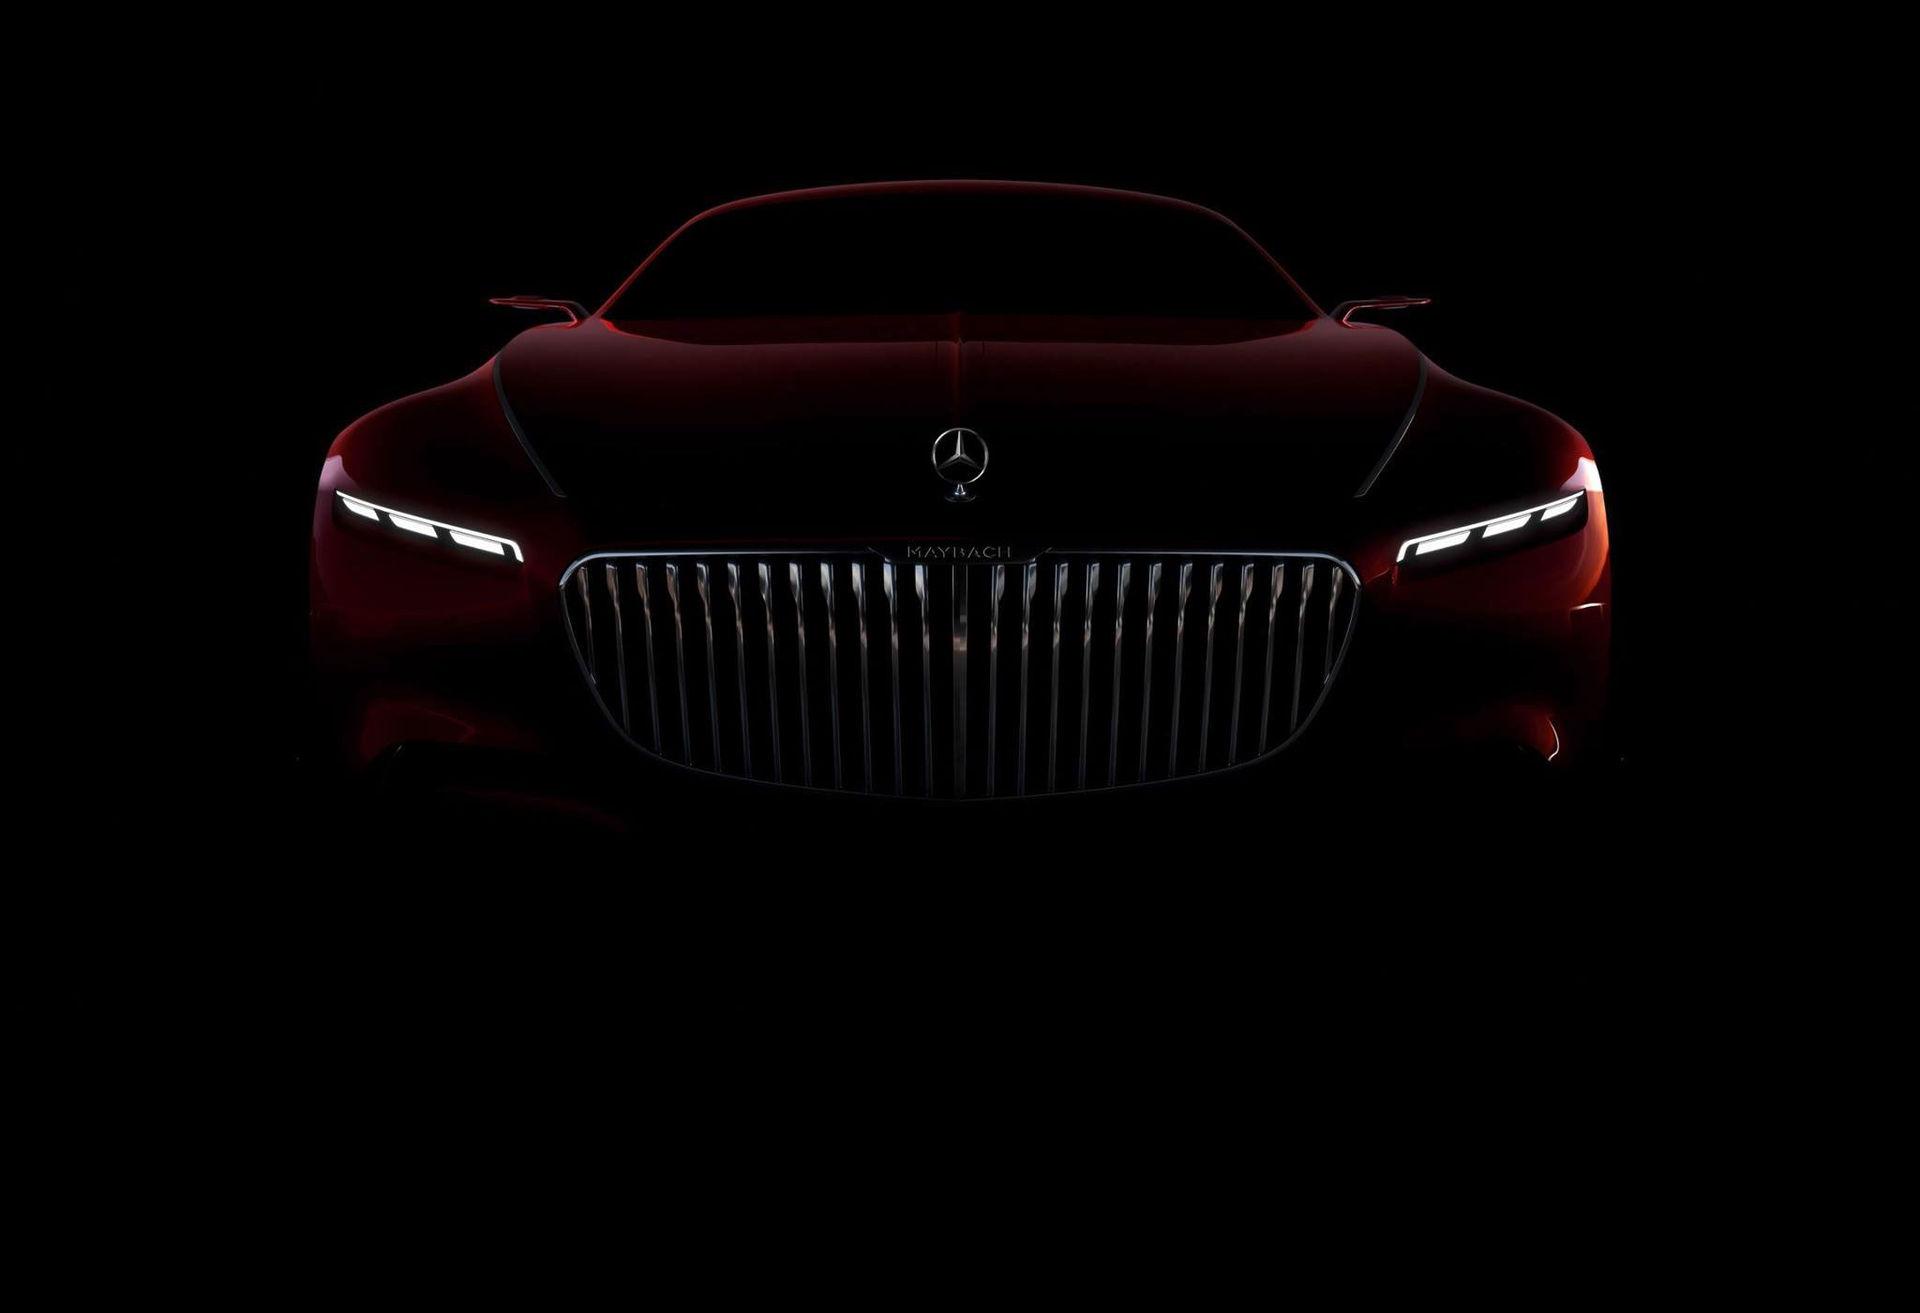 Nu får vi se fronten på Mercedes-Maybachs galna koncept